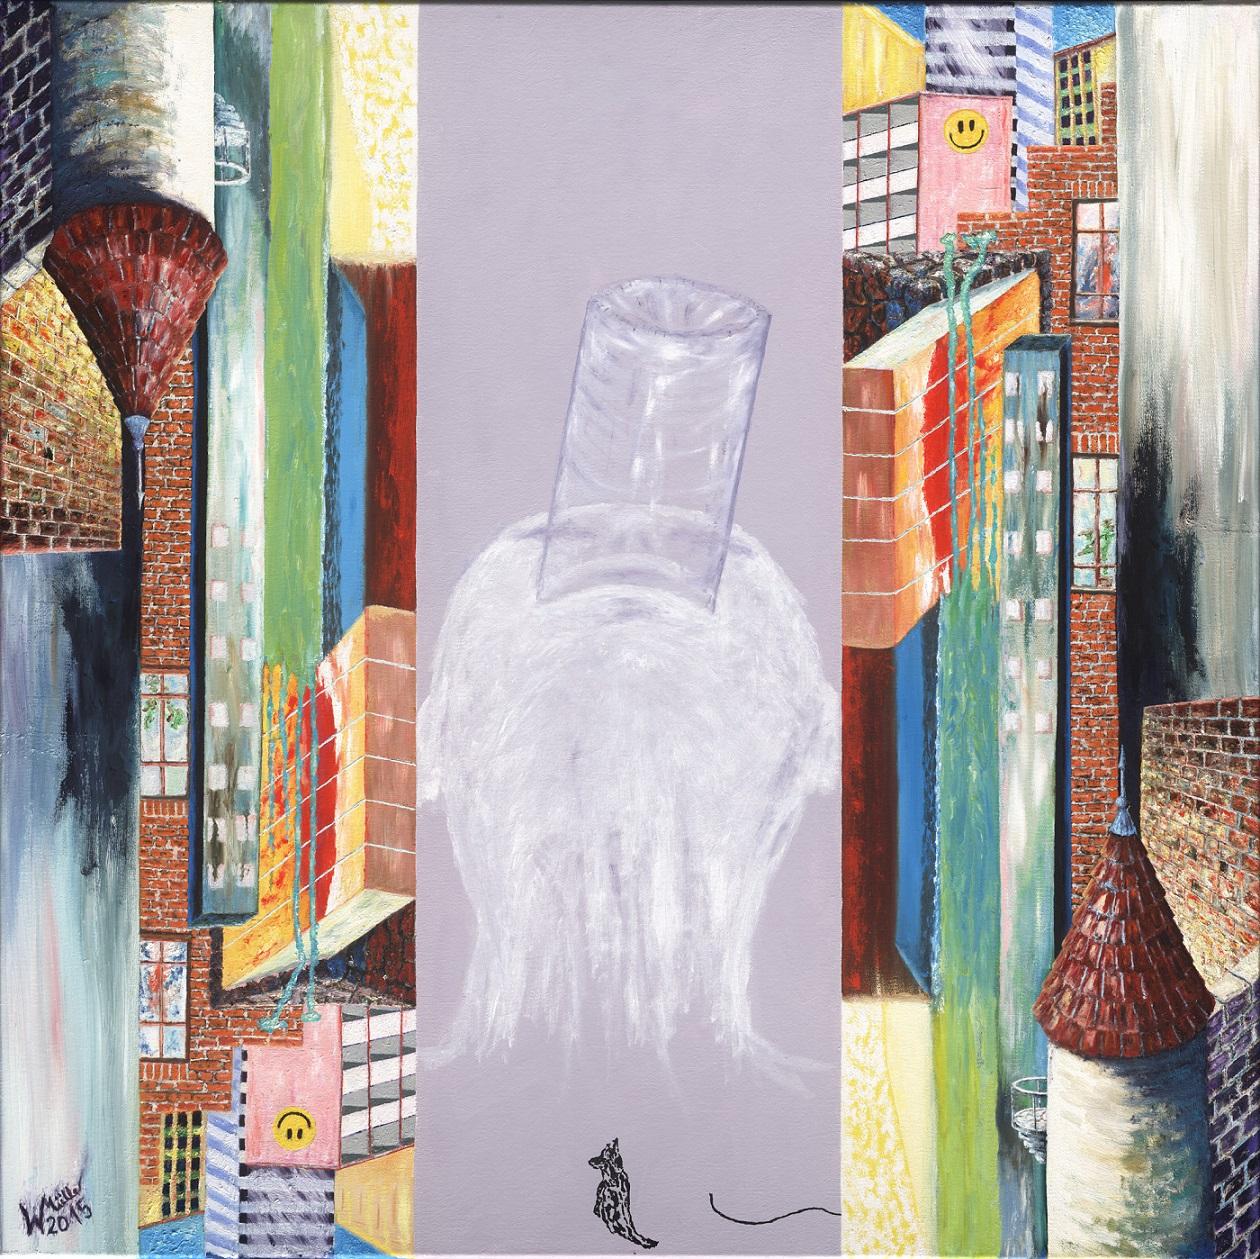 L'Angolo di Marta Lock (IE): I molteplici mondi paralleli nelle opere surrealiste di Wolfgang Müller